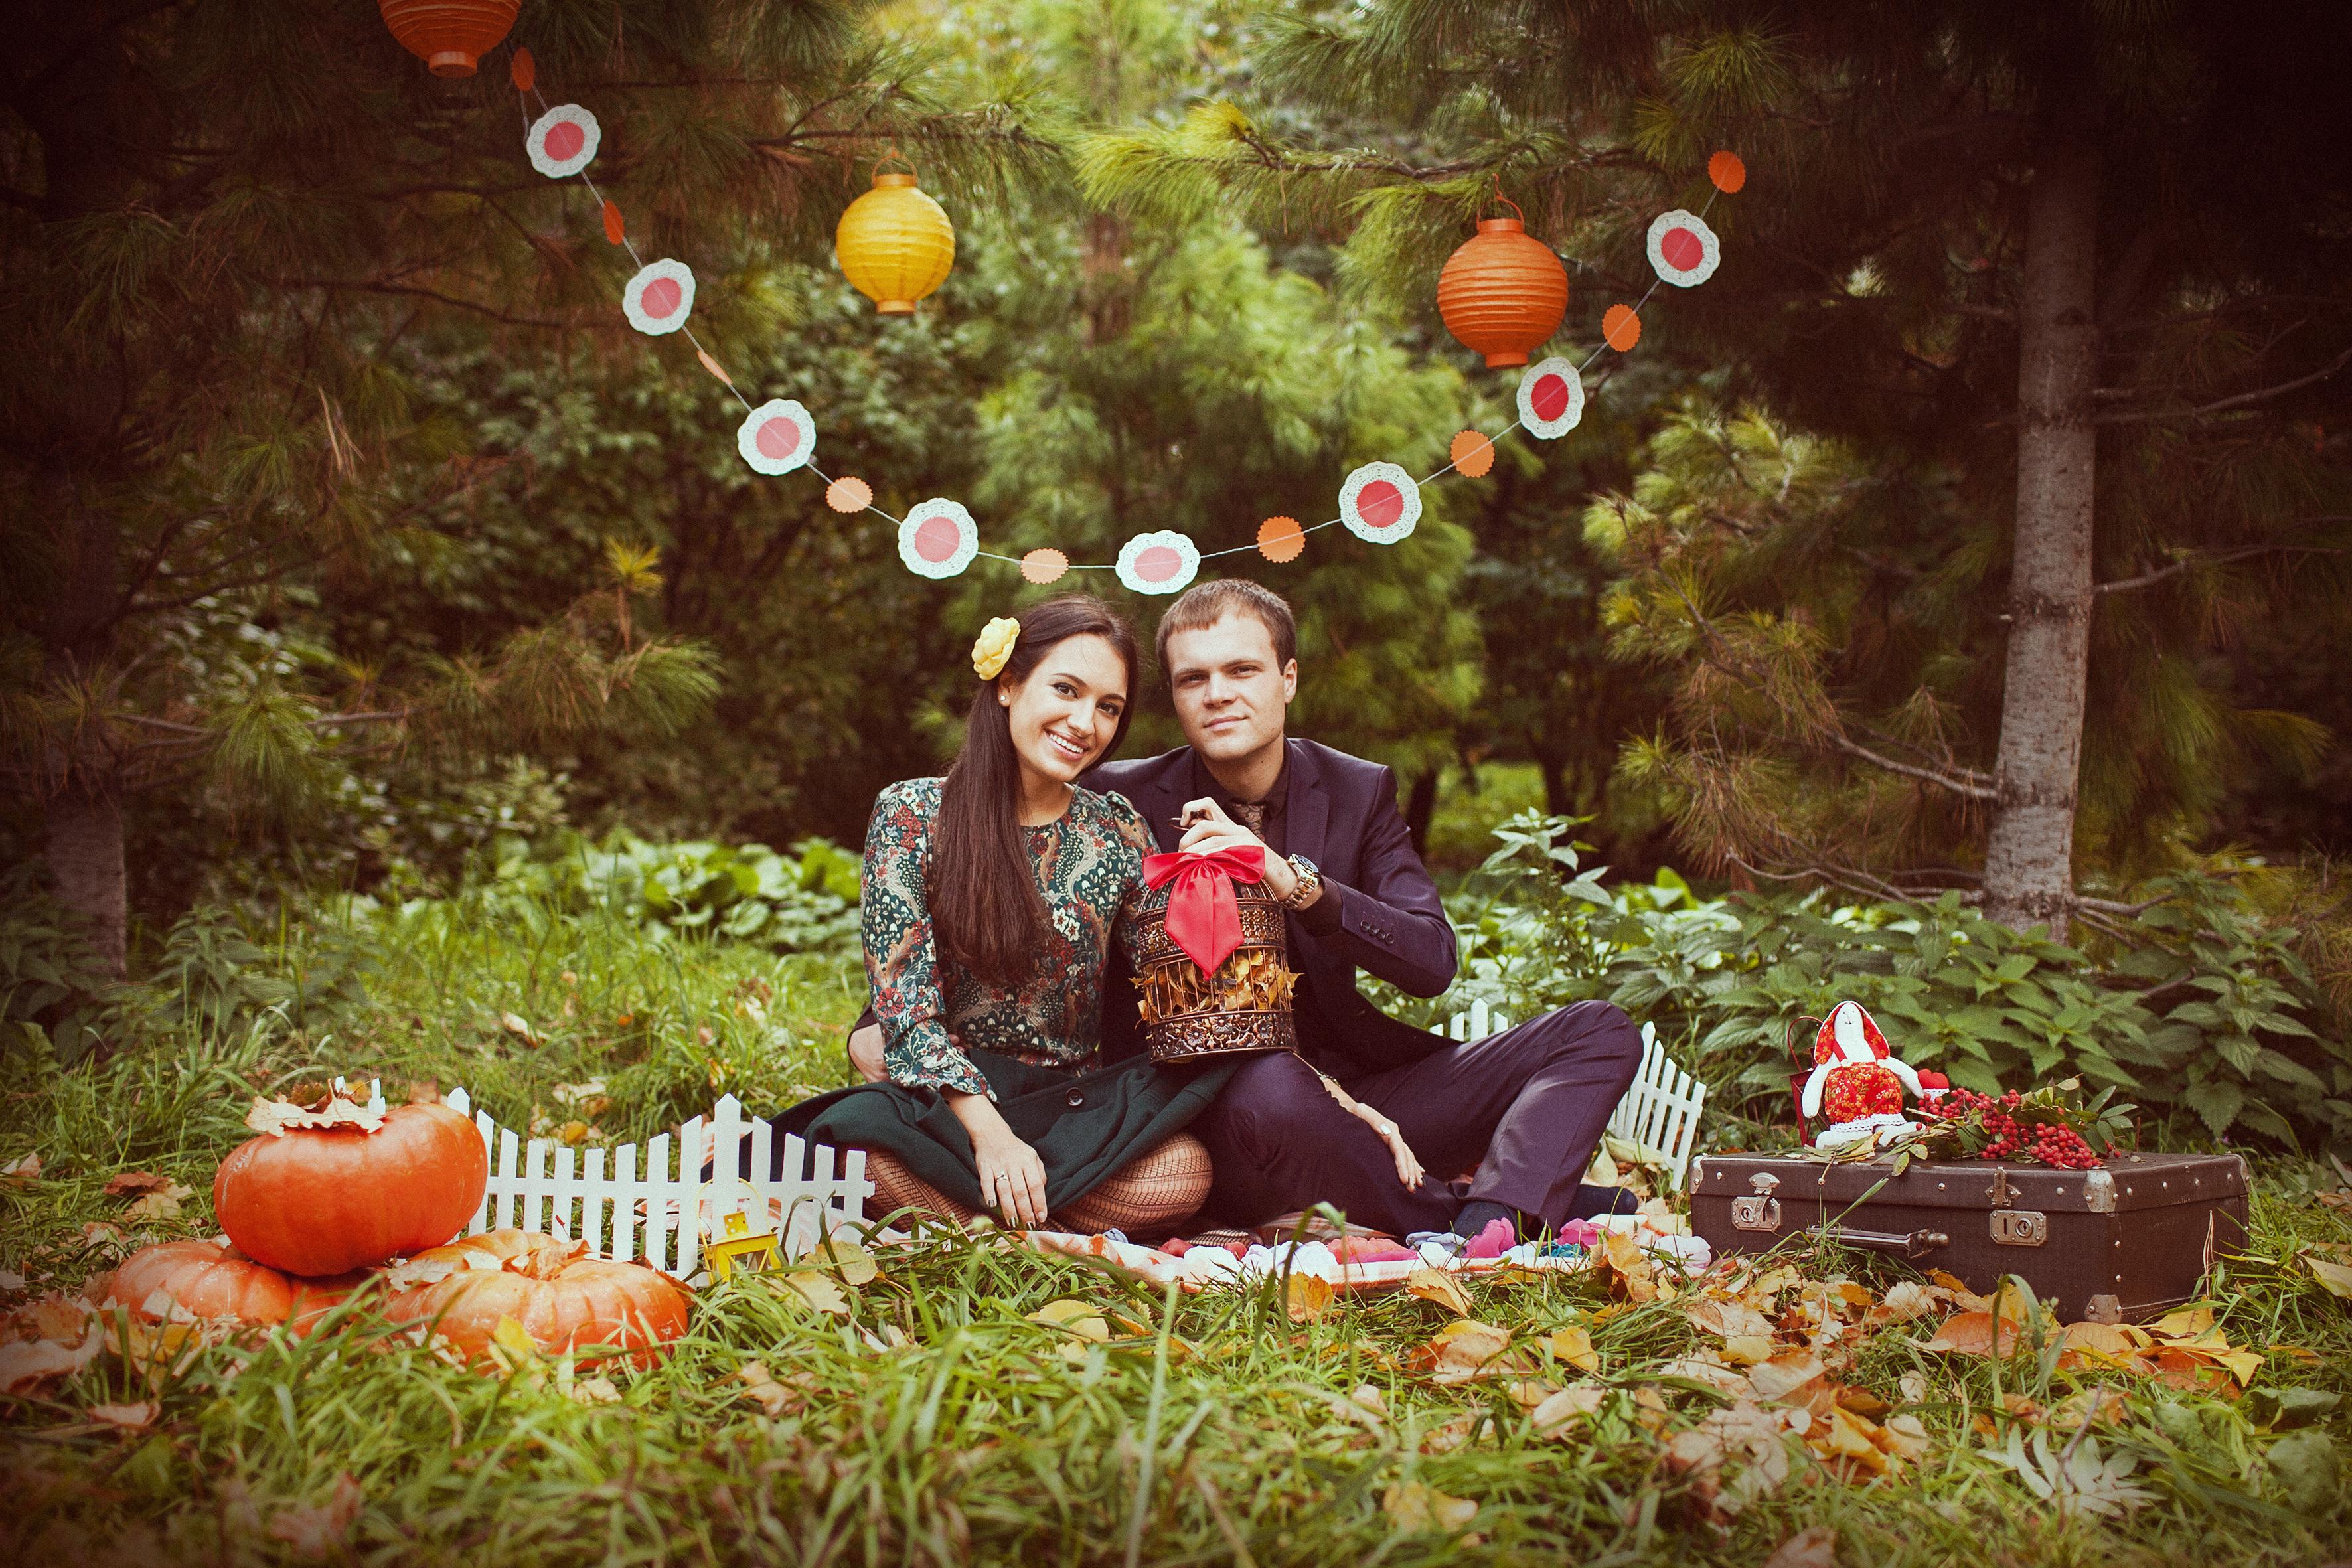 """Вадим и Евгения: """"Идеальные отношения в семье - это реальность, которая подвластна воплощению только двум по-настоящему любящими и страстными сердцами"""""""